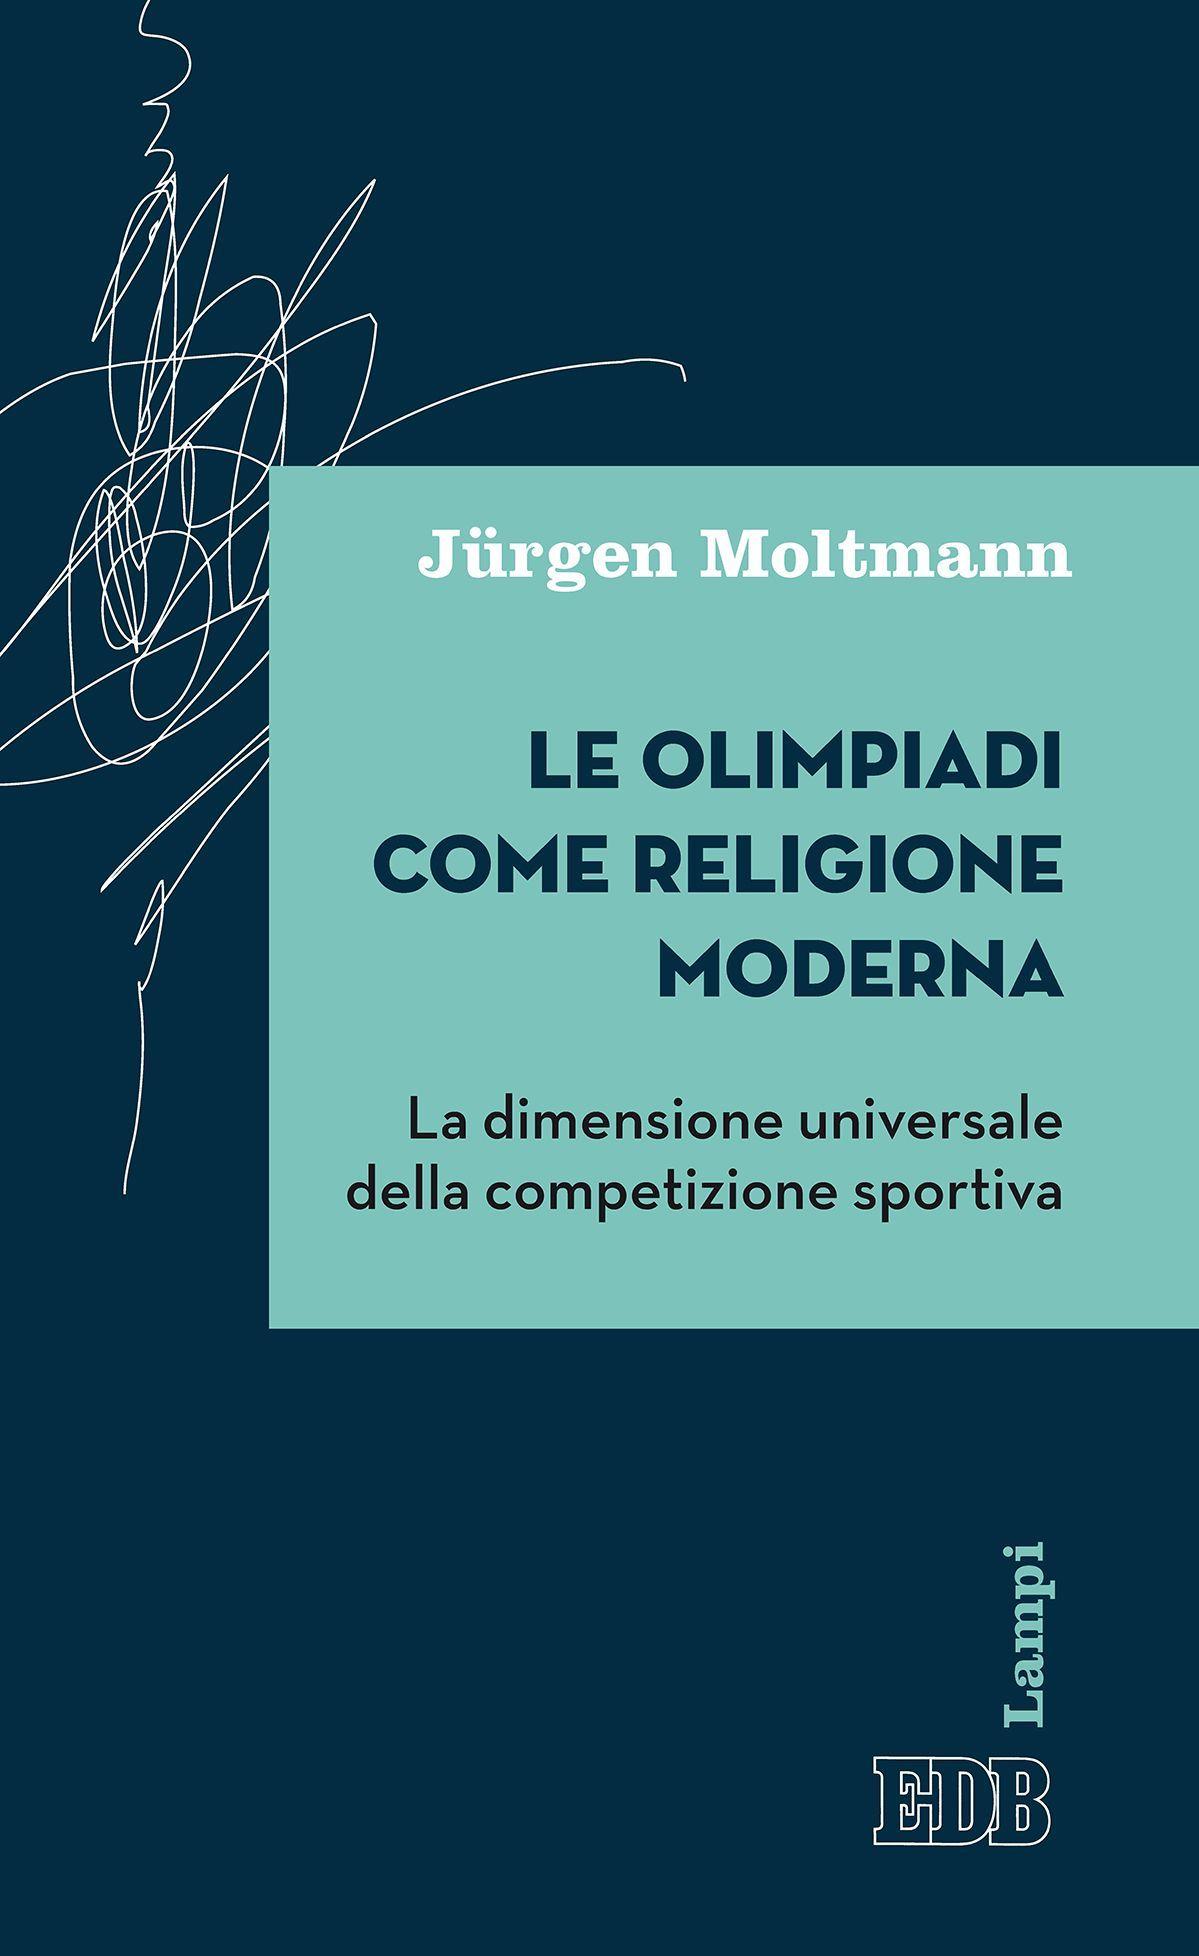 Le olimpiadi come religione moderna, Jurgen Moltmann